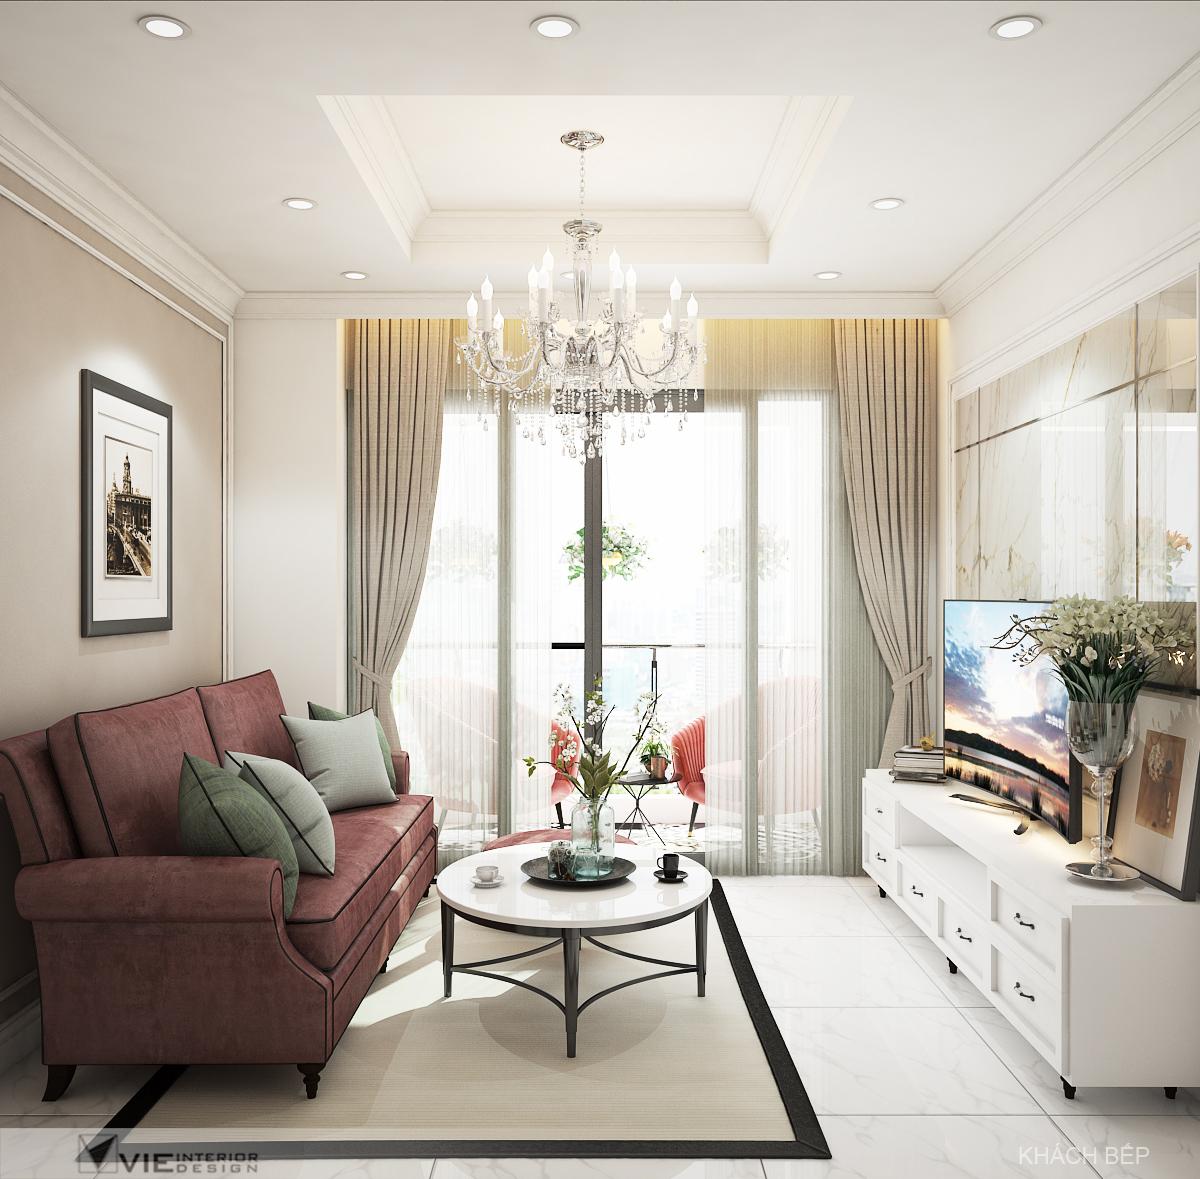 thiết kế nội thất chung cư tại Hồ Chí Minh Chi Phung_KINGTON-K18 2 1562641137